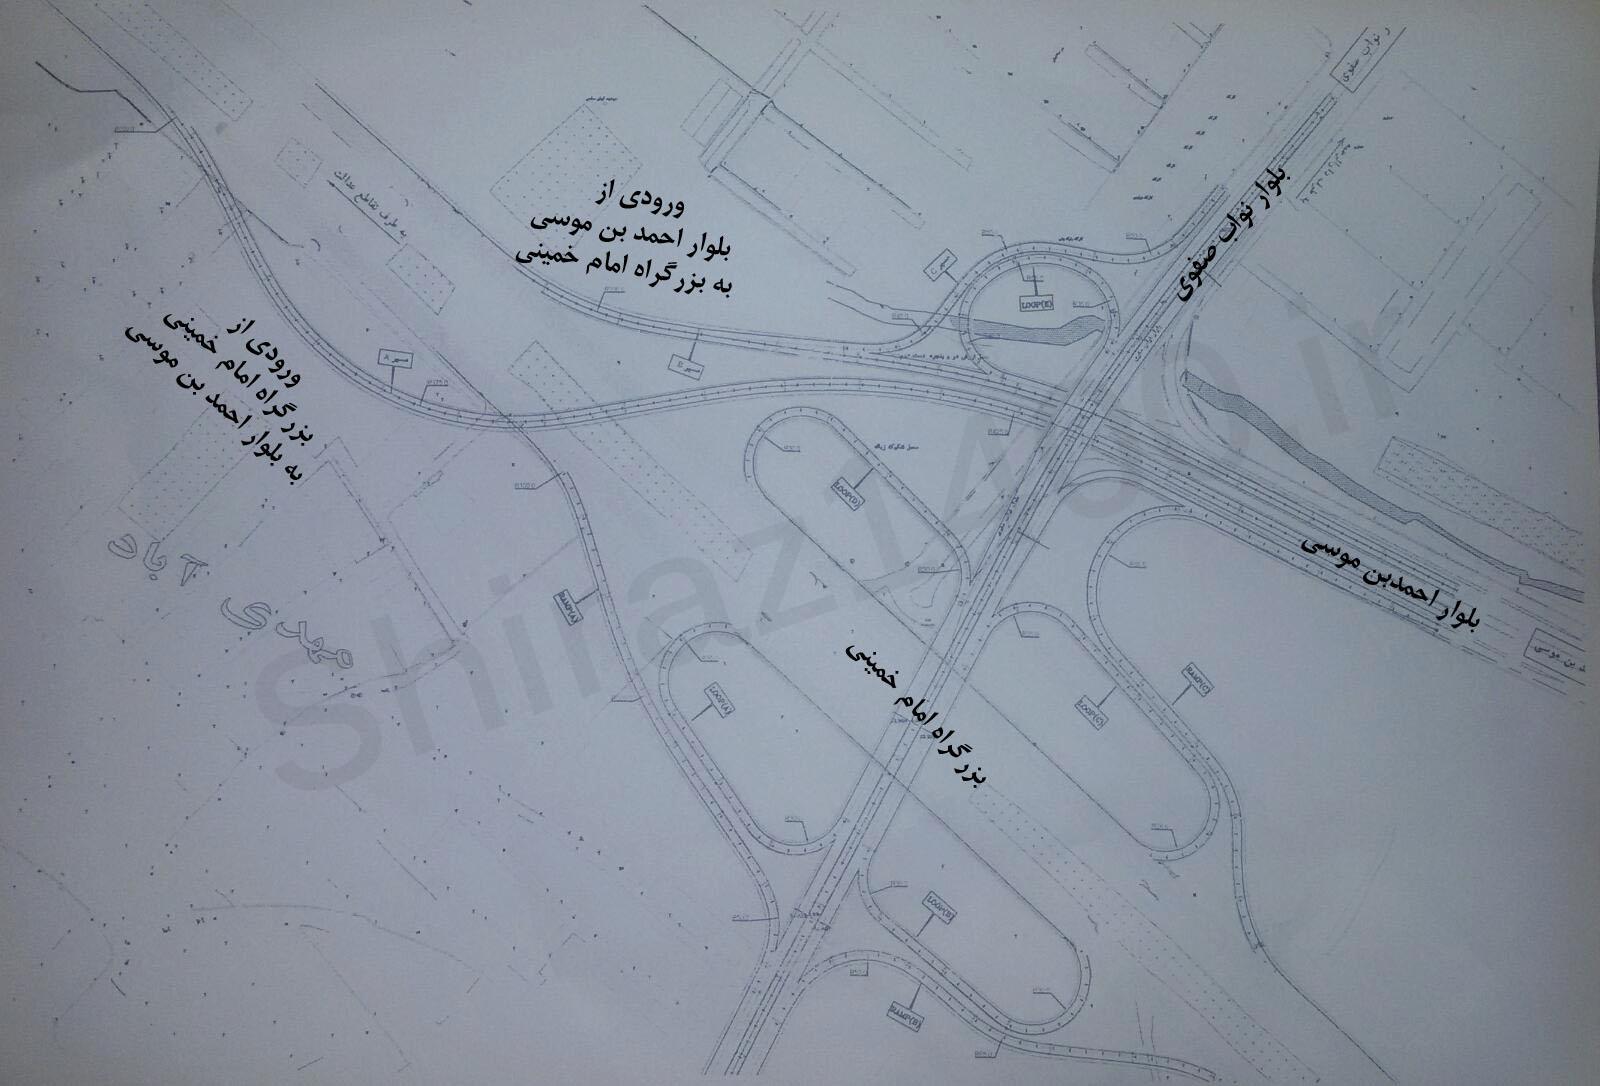 مجموعه پلهای نواب، احمدبن موسی و کمربندی